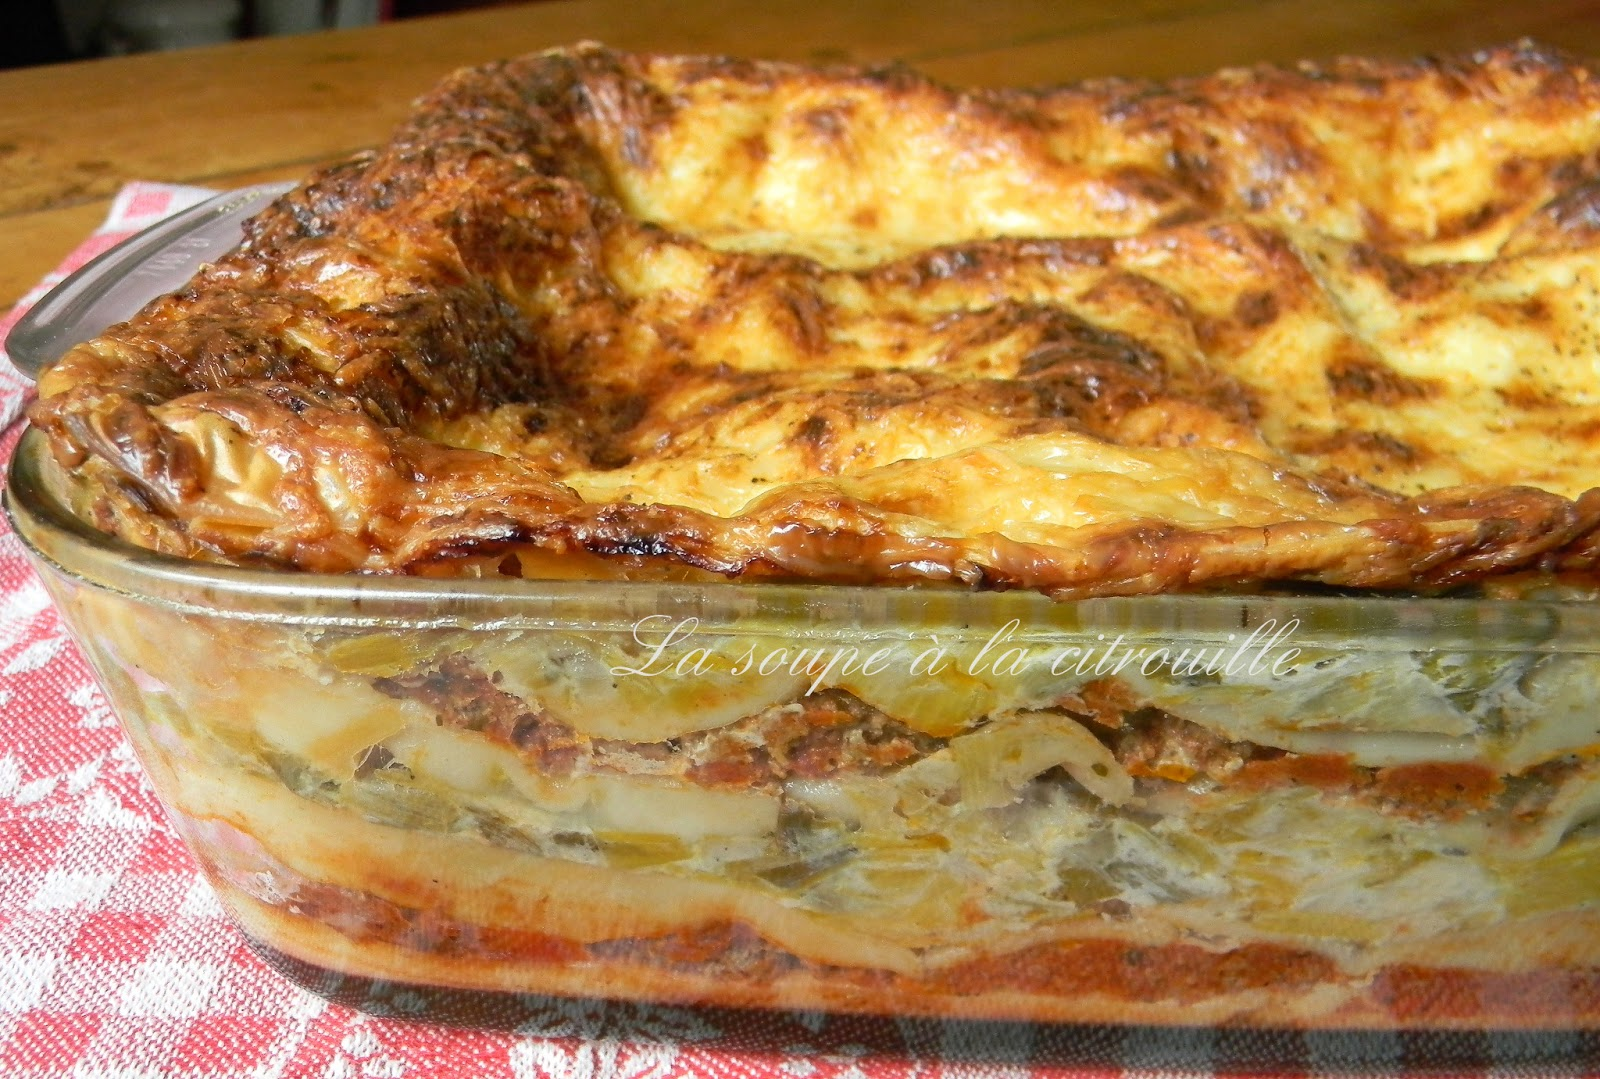 la soupe la citrouille lasagnes aux poireaux et viande mijot e